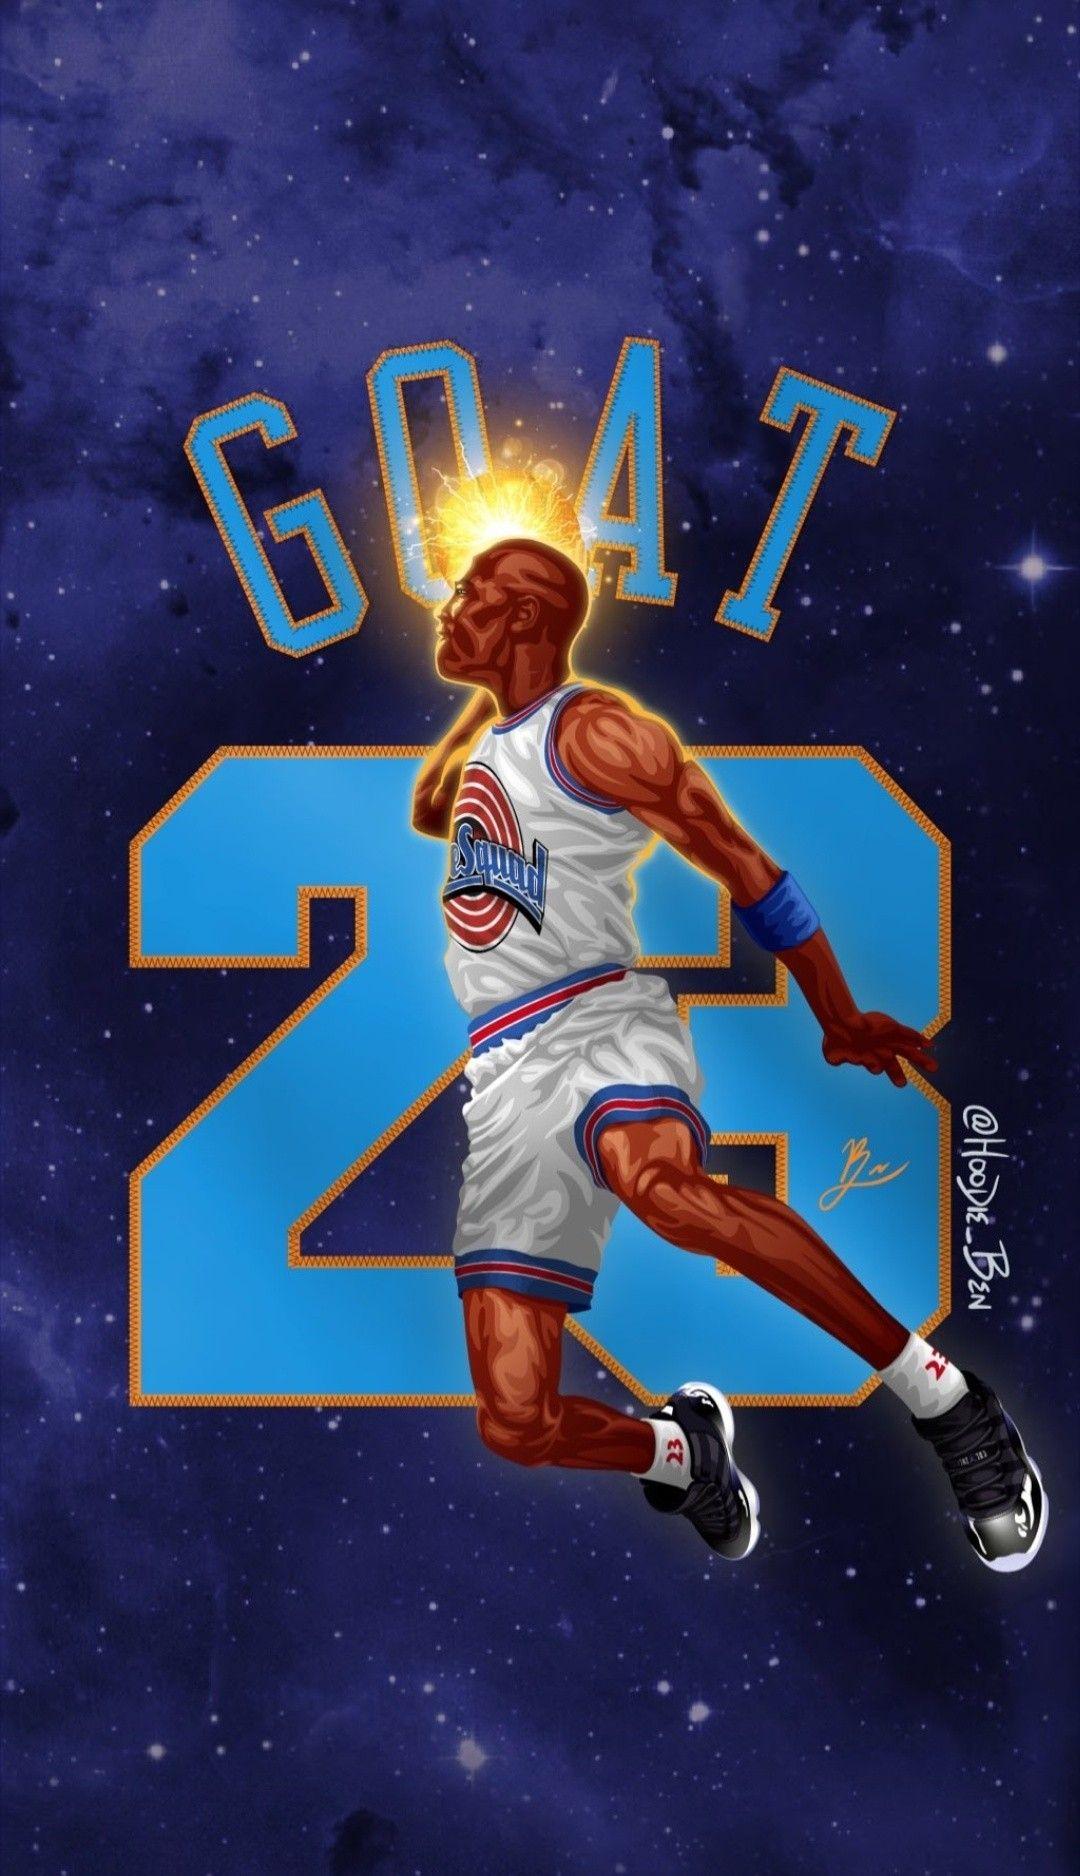 Michael Jordan Wallpaper In 2020 Michael Jordan Dunking Michael Jordan Pictures Michael Jordan Photos